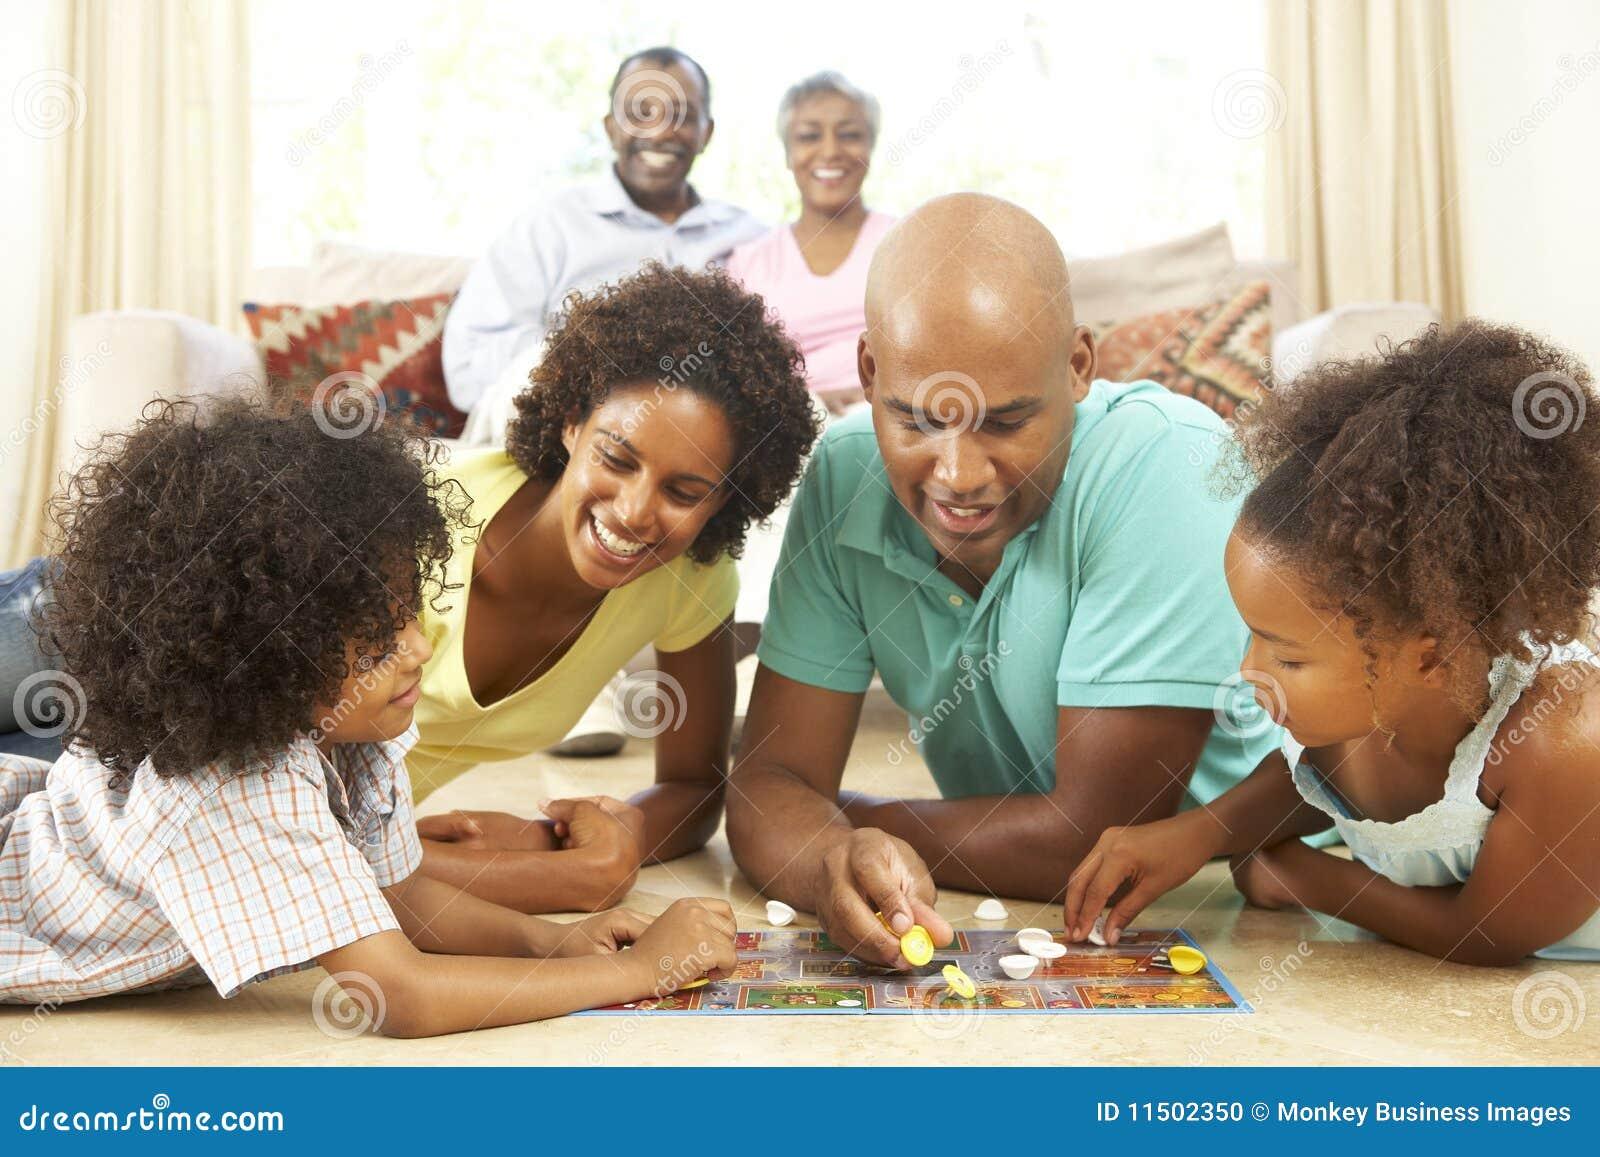 familie die zu hause brettspiel spielt stockfoto bild von leben gro vater 11502350. Black Bedroom Furniture Sets. Home Design Ideas